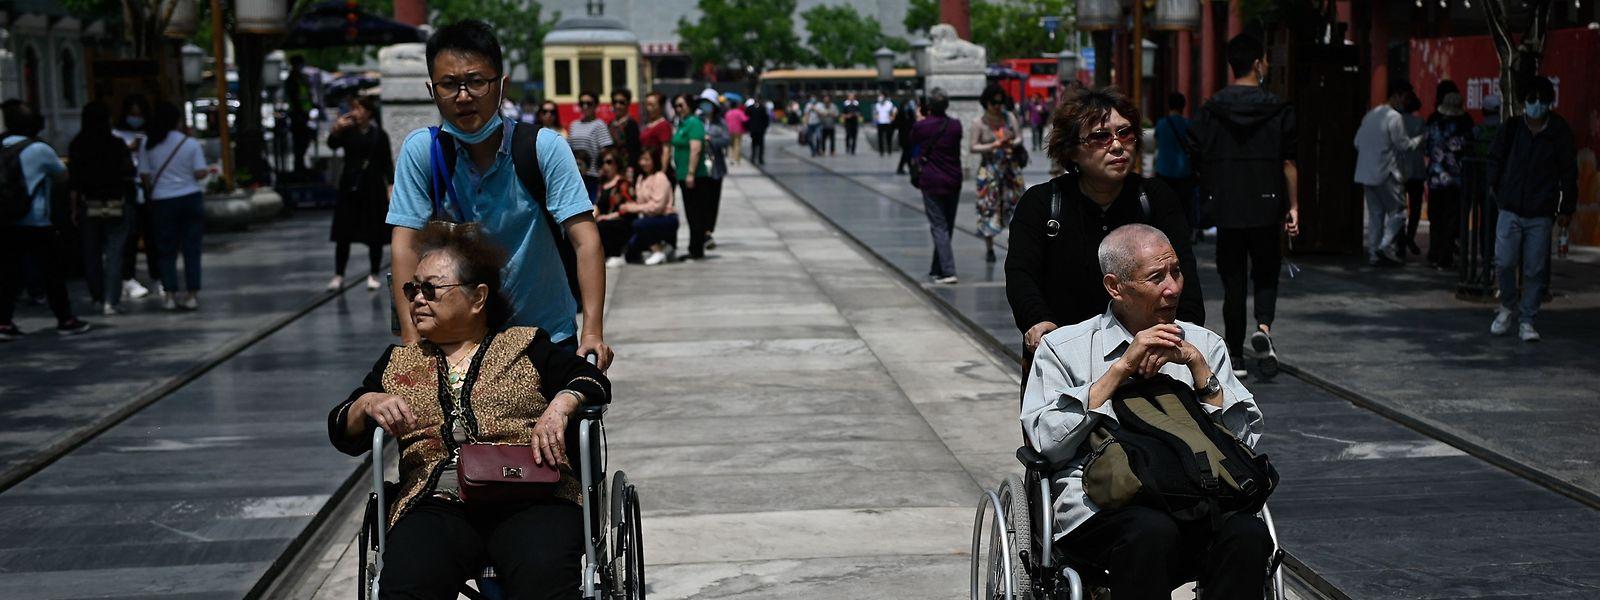 Alleine in den kommenden fünf Jahren werden 300 Millionen Chinesen das Rentenalter erreichen.